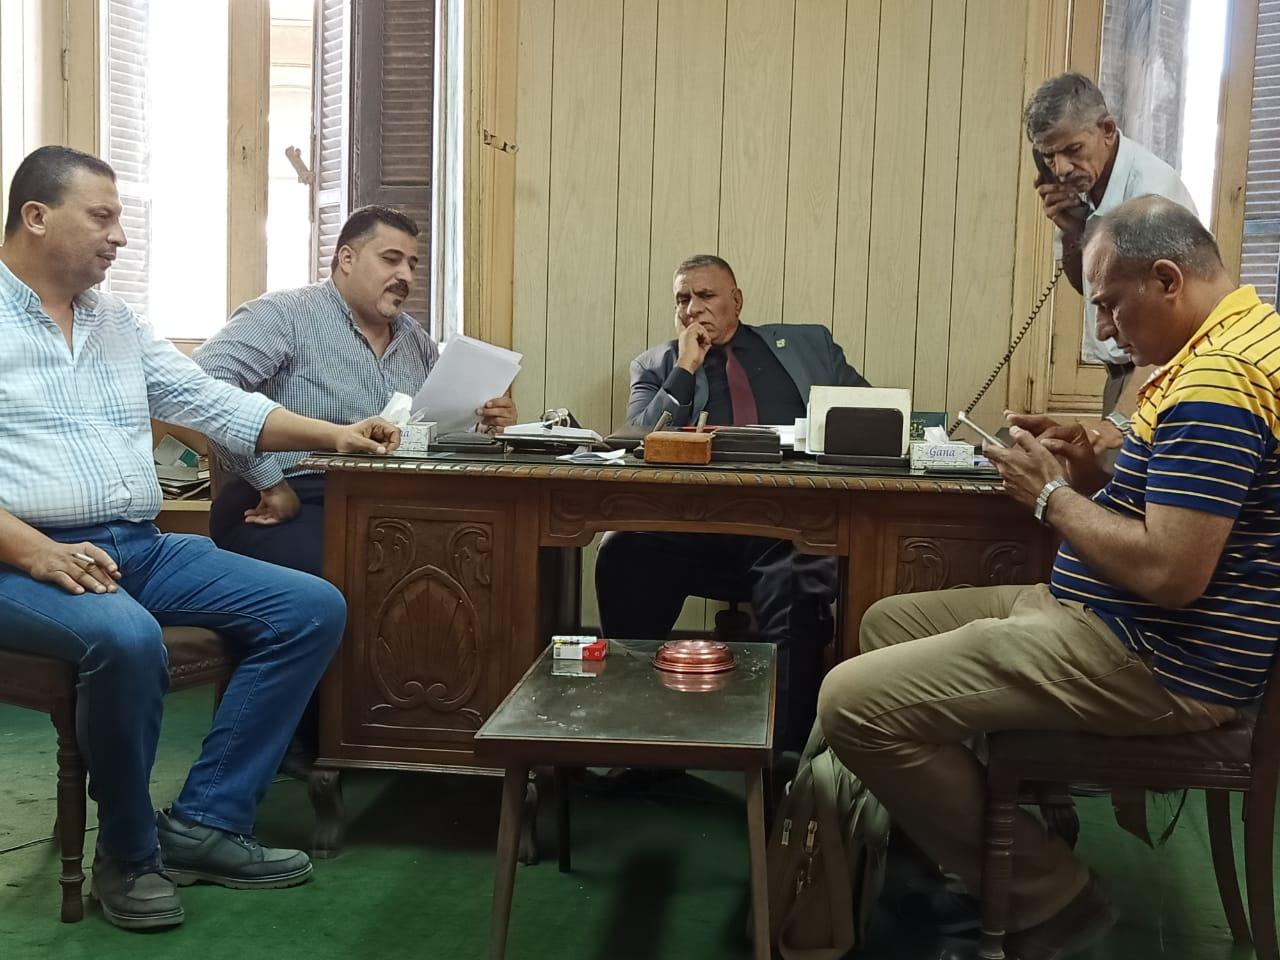 فى الدورة التثقيفية بالاسكندرية: عمال التجارة يدينون استهداف كمين التفاحة